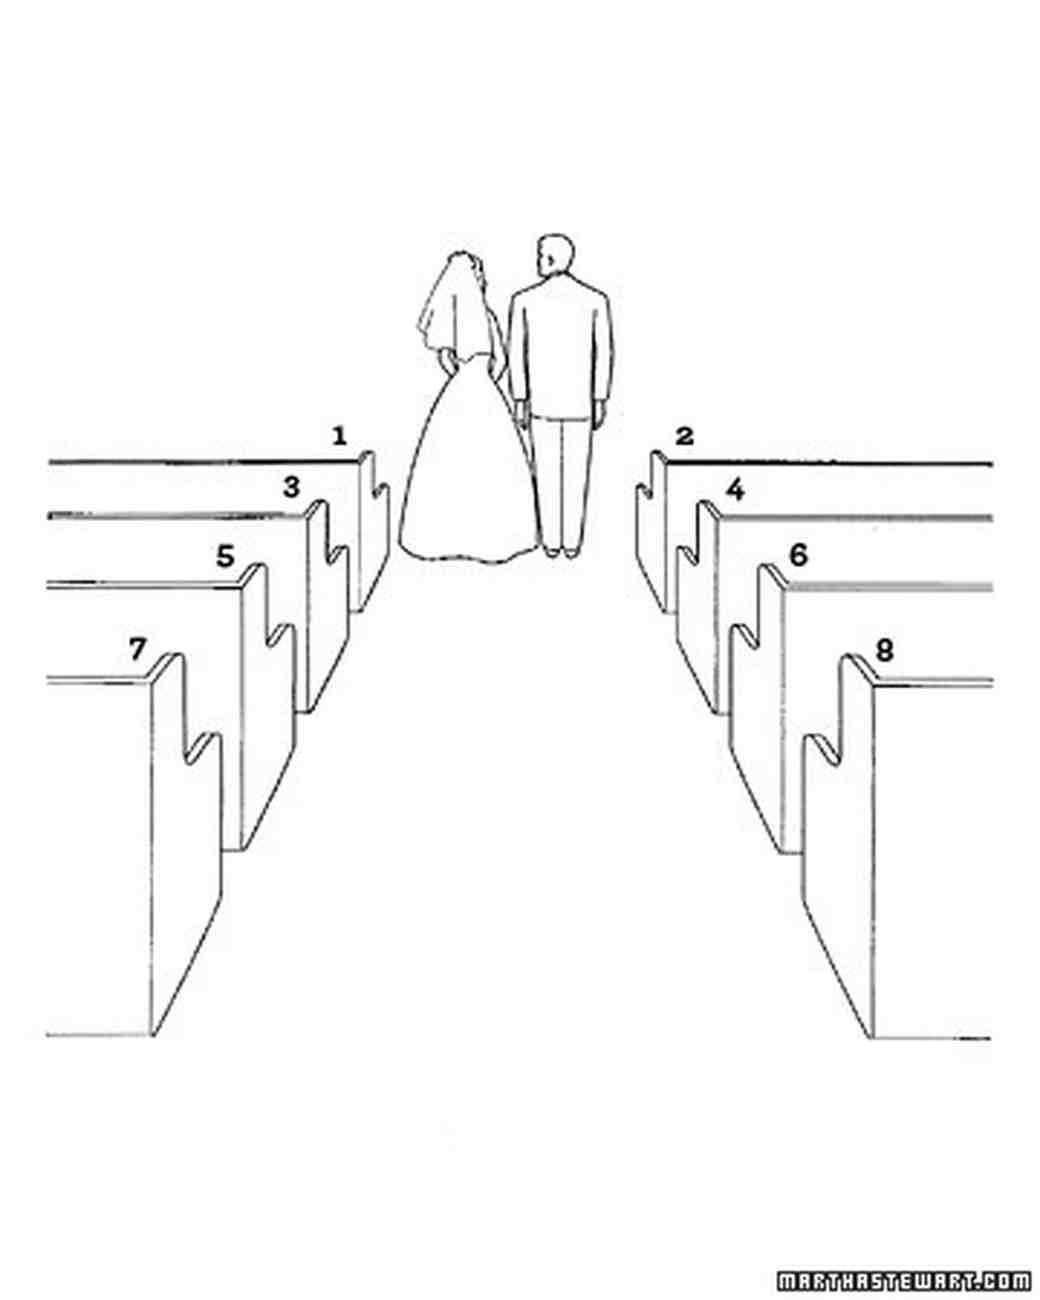 Seating at  christian ceremony also diagram your big day wedding basics martha rh marthastewartweddings